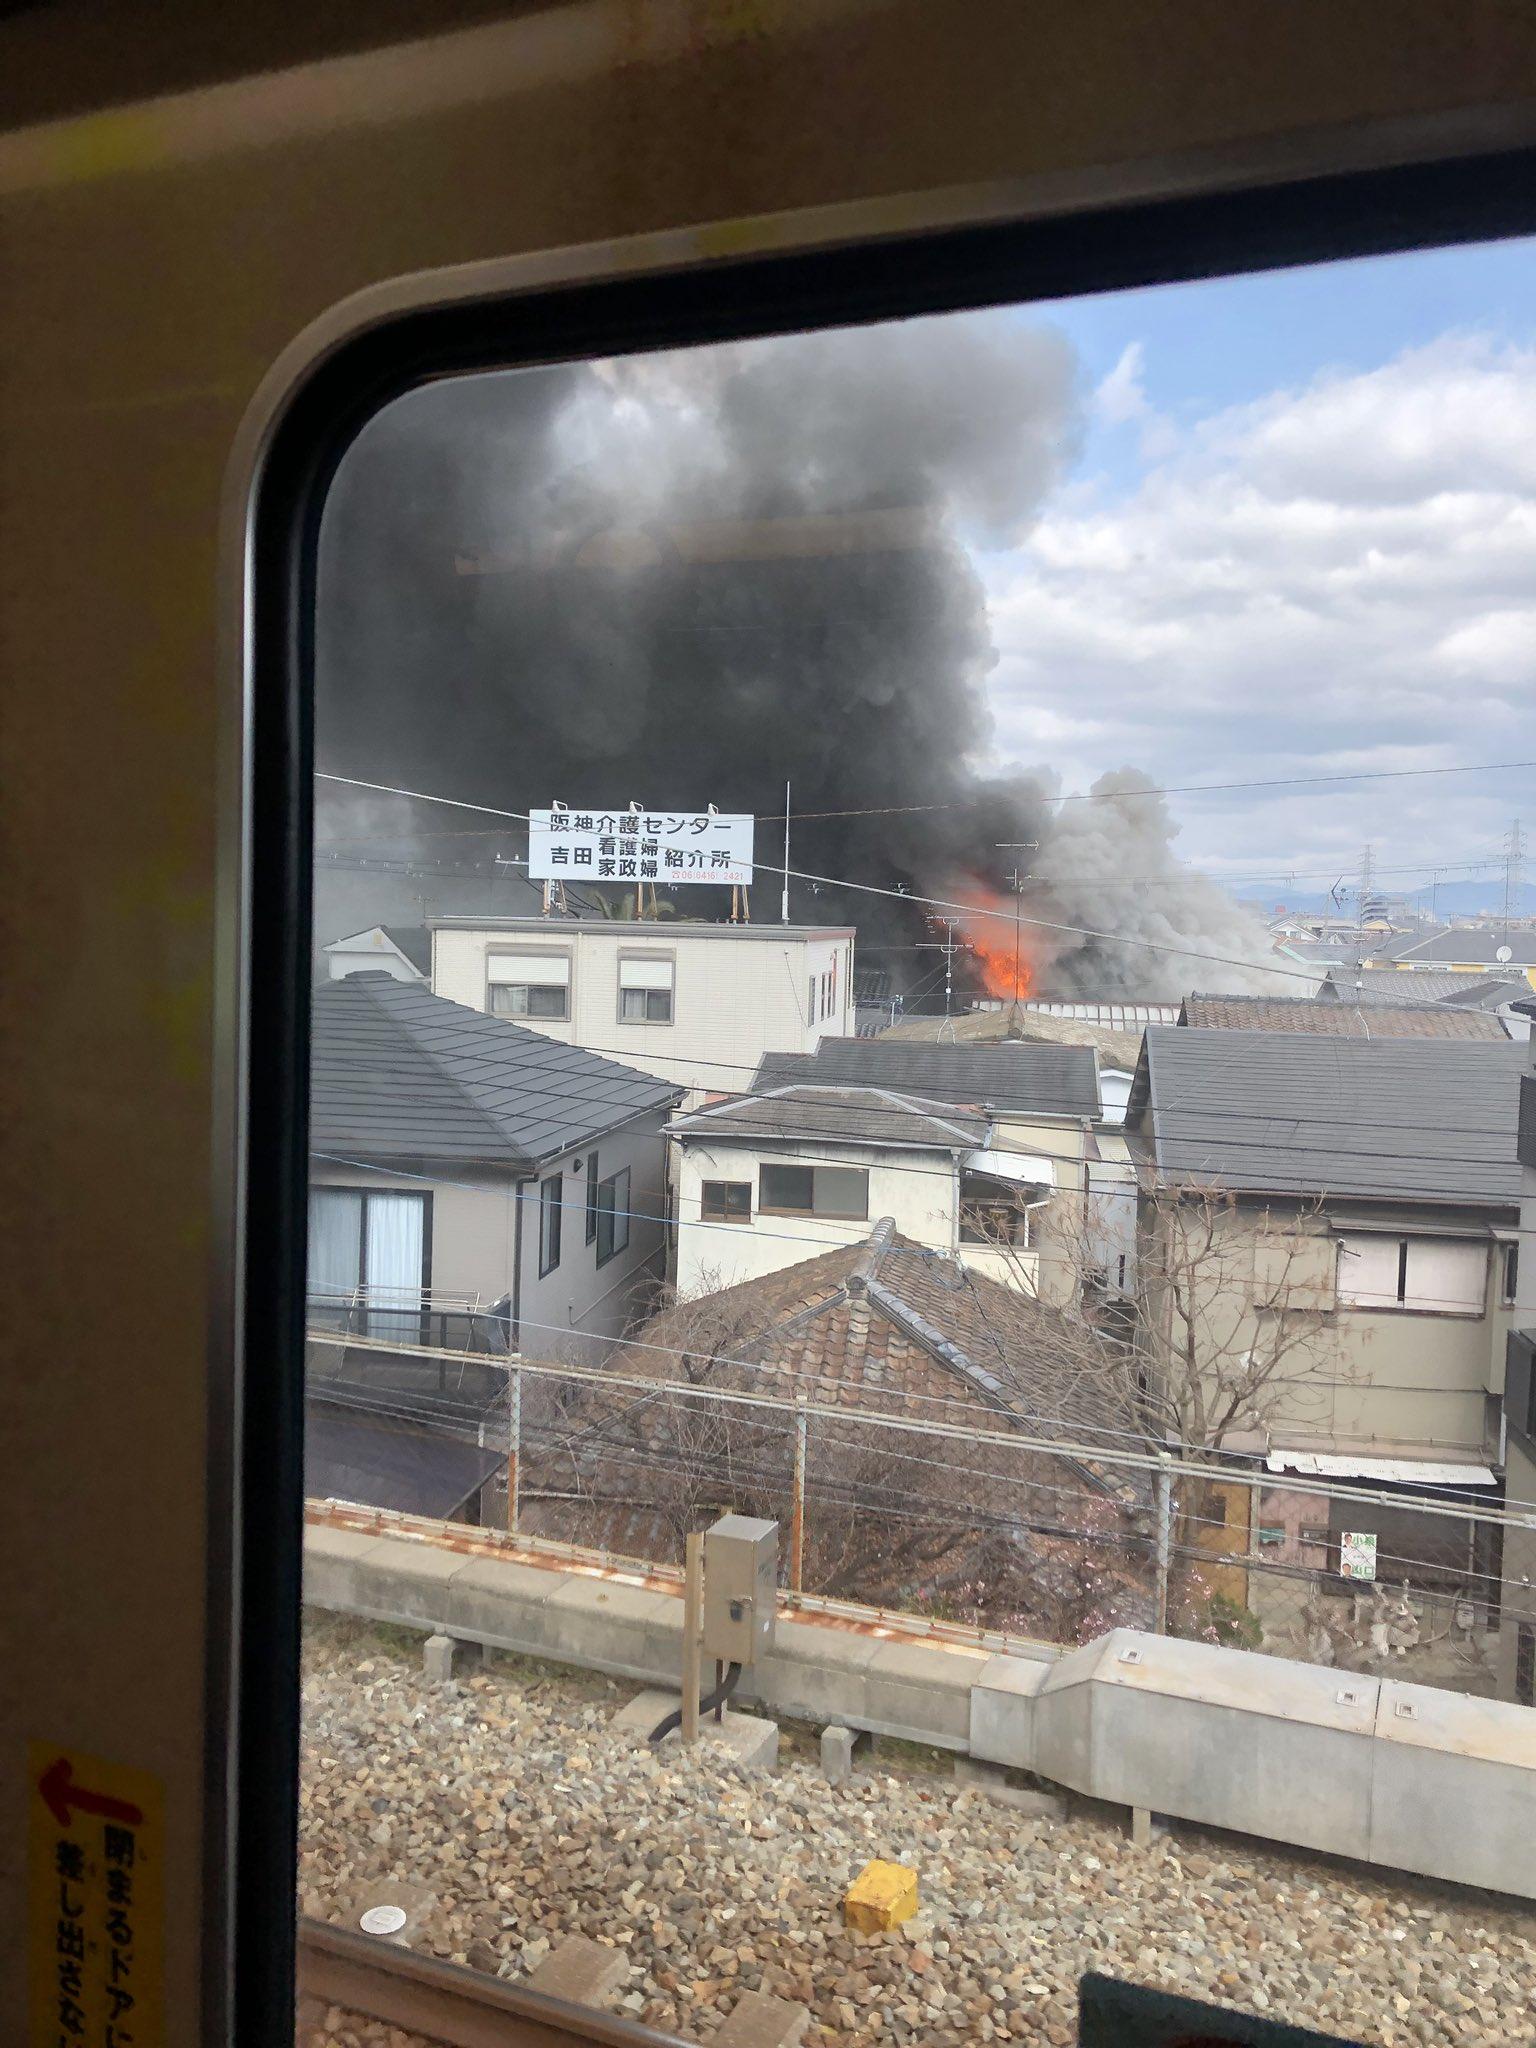 画像,電車急にゆっくりなって何事って思ったら火事だった https://t.co/z3TUO0glNr。